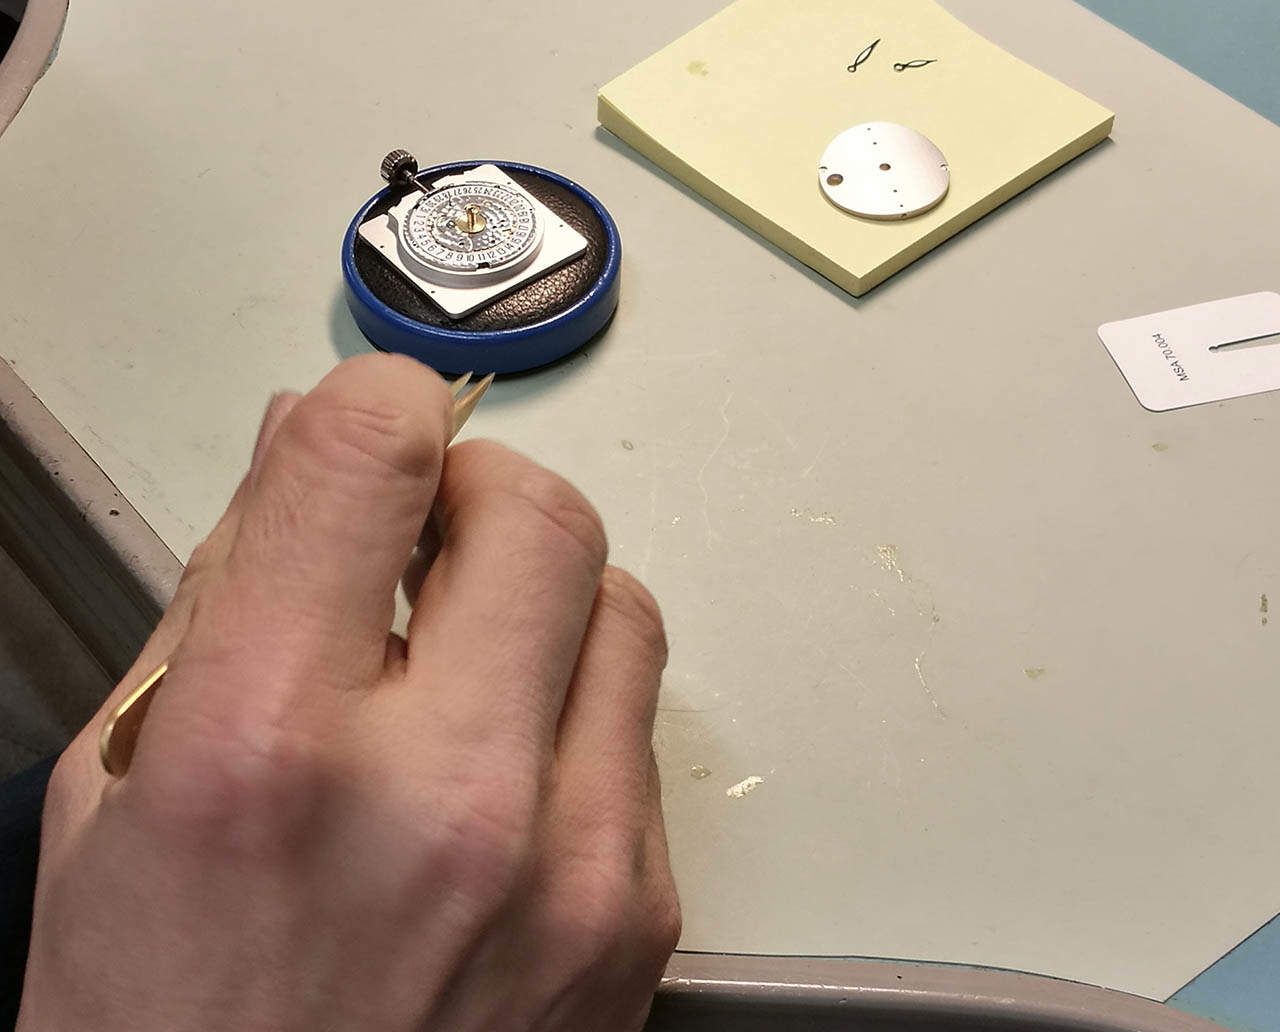 Watch Service Finlandin huoltopisteessä on kronografin huolto valmistumassa.